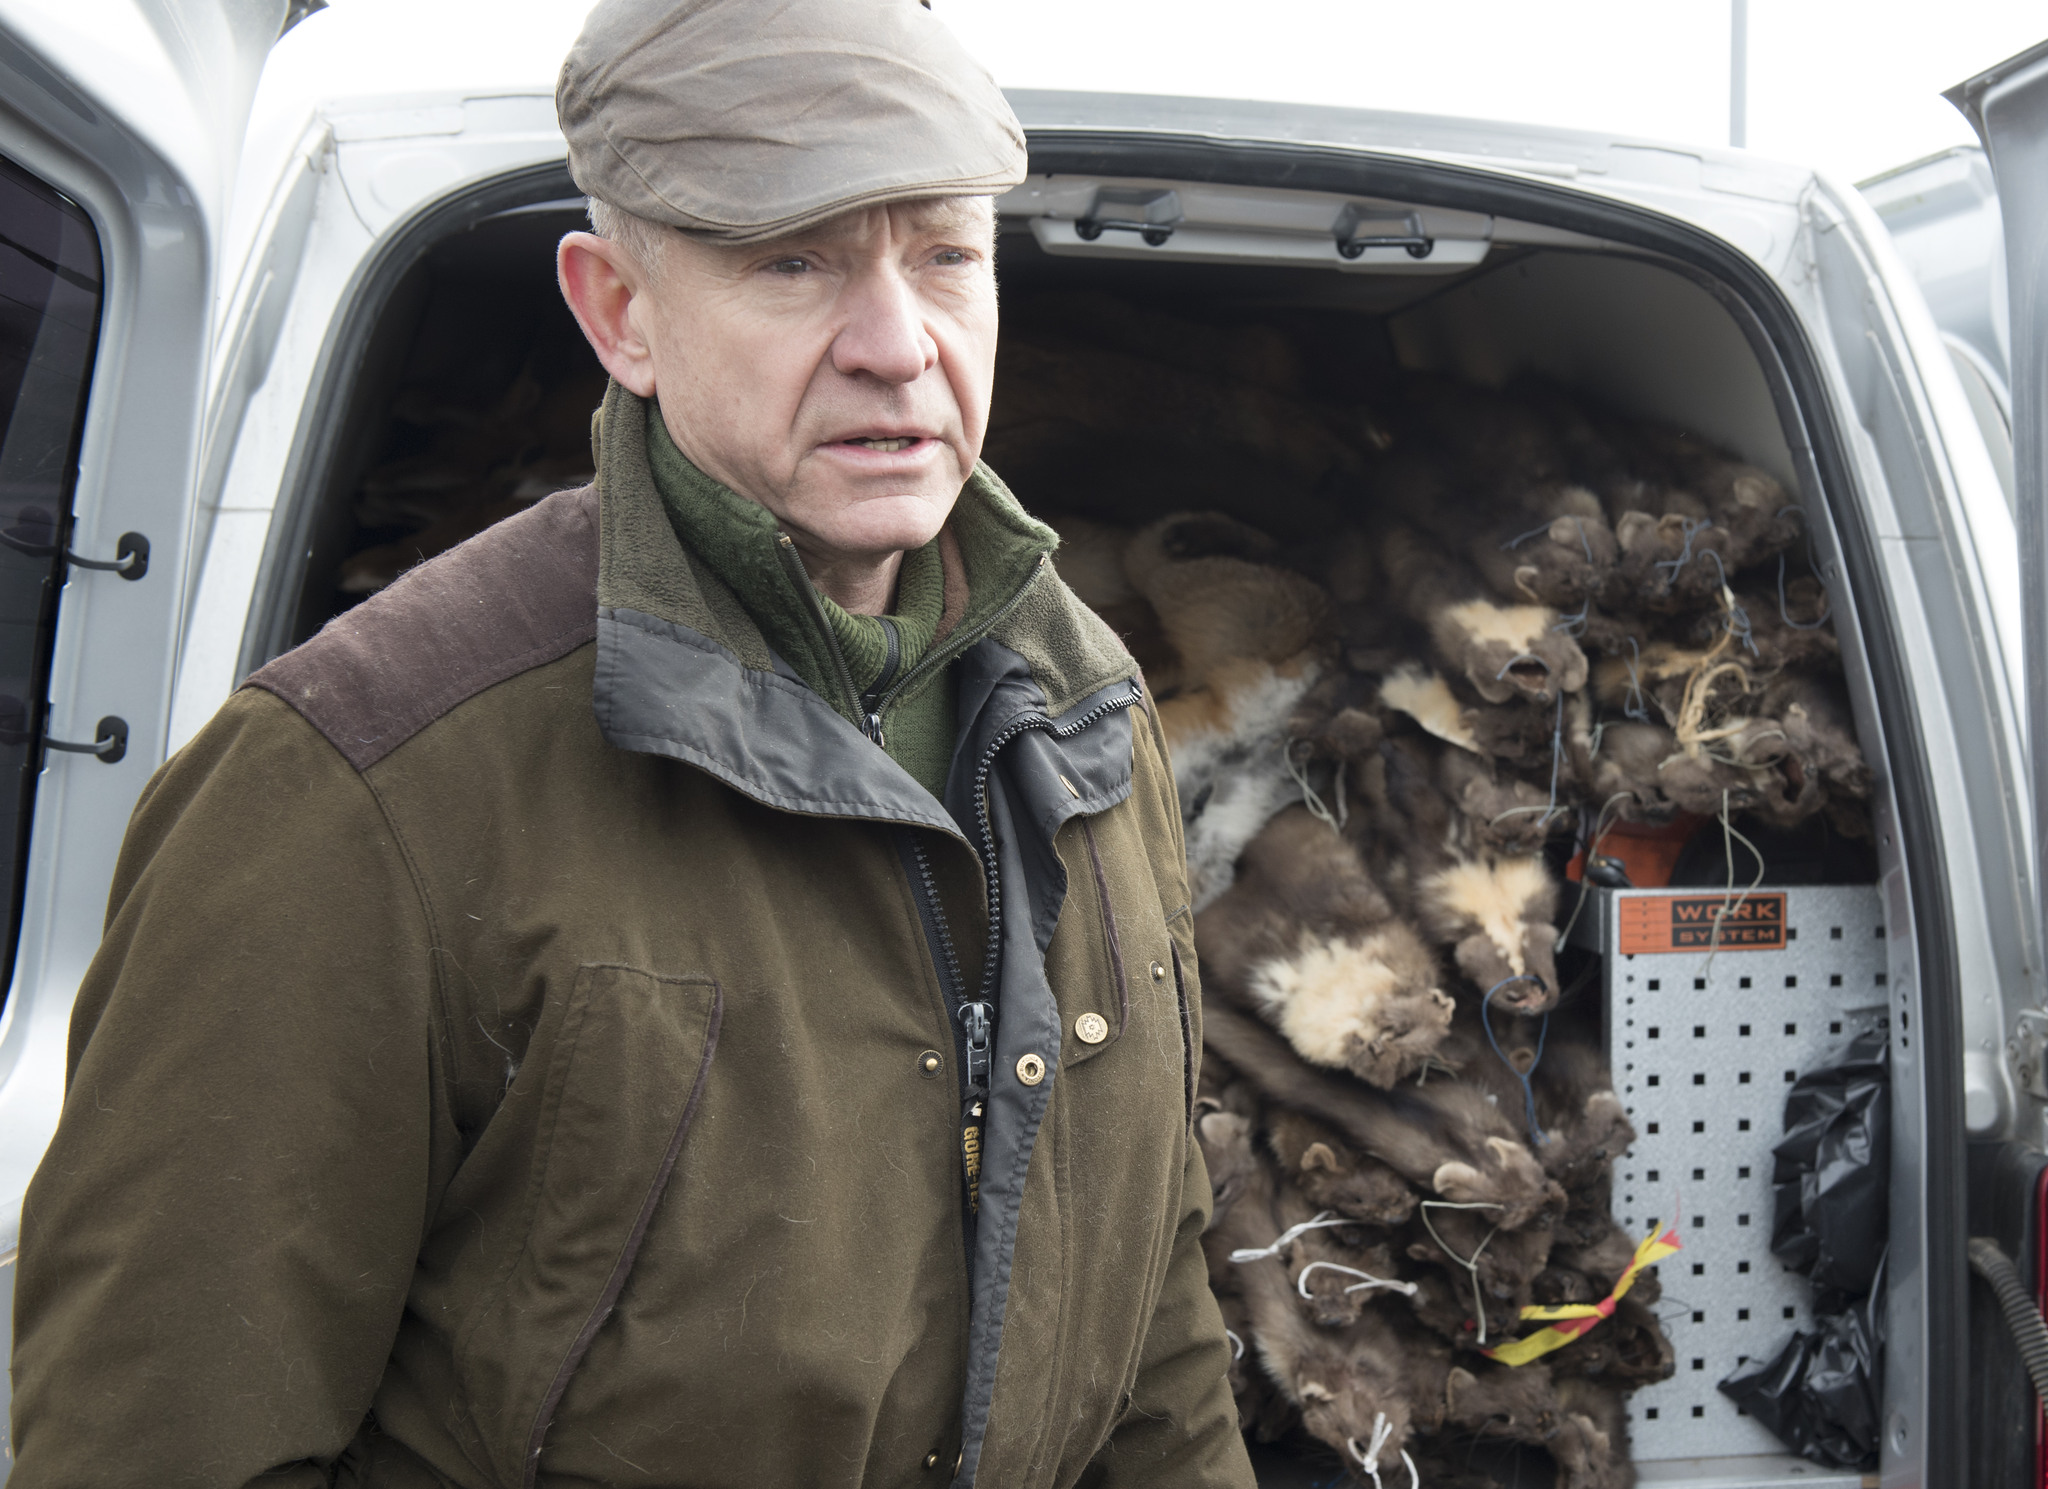 Skinnhandlare Anders Tengbom, Eksjö, bedömer att de svenska jägarna får ställa in sig på att få sämre betalt för sina viltskinn när det är dags att sälja dem efter höstens och vinterns jakt. Foto: Jan Henricson